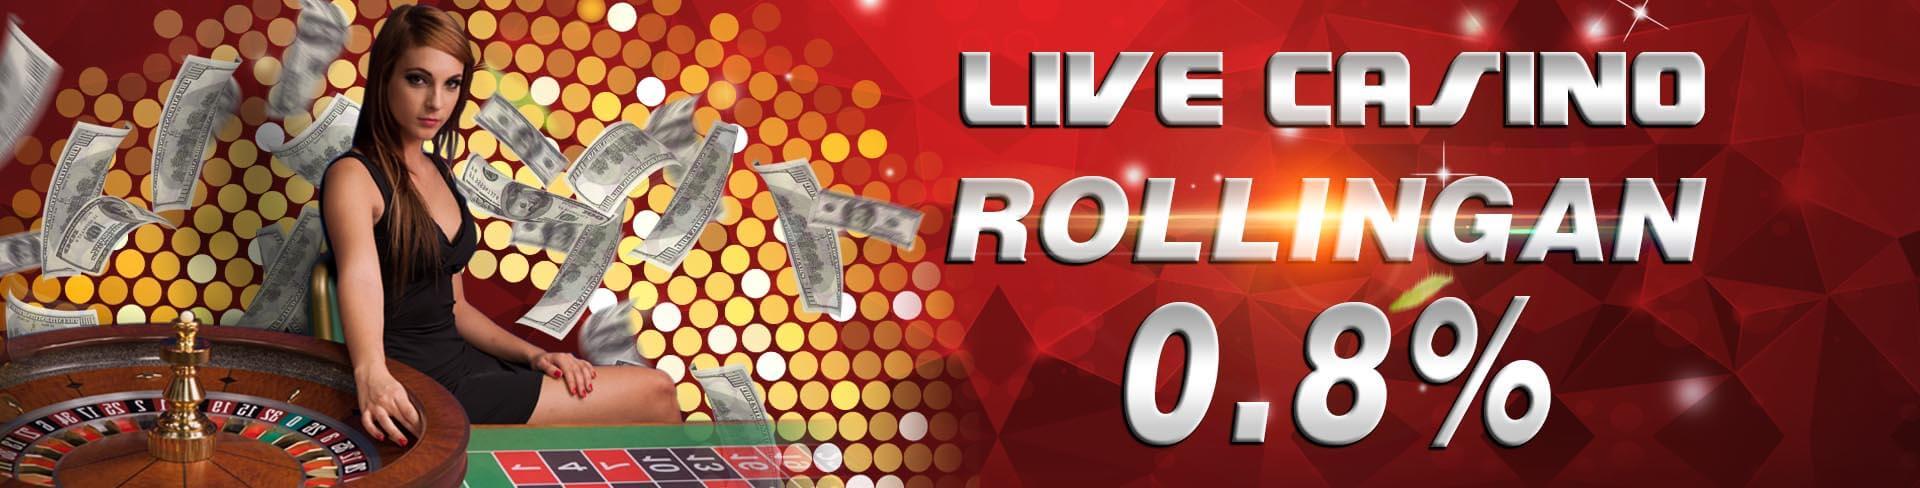 333Gaming memberikan bonus rollingan judi live casino online hingga 0.8% setiap harinya untuk semua member setia casino online